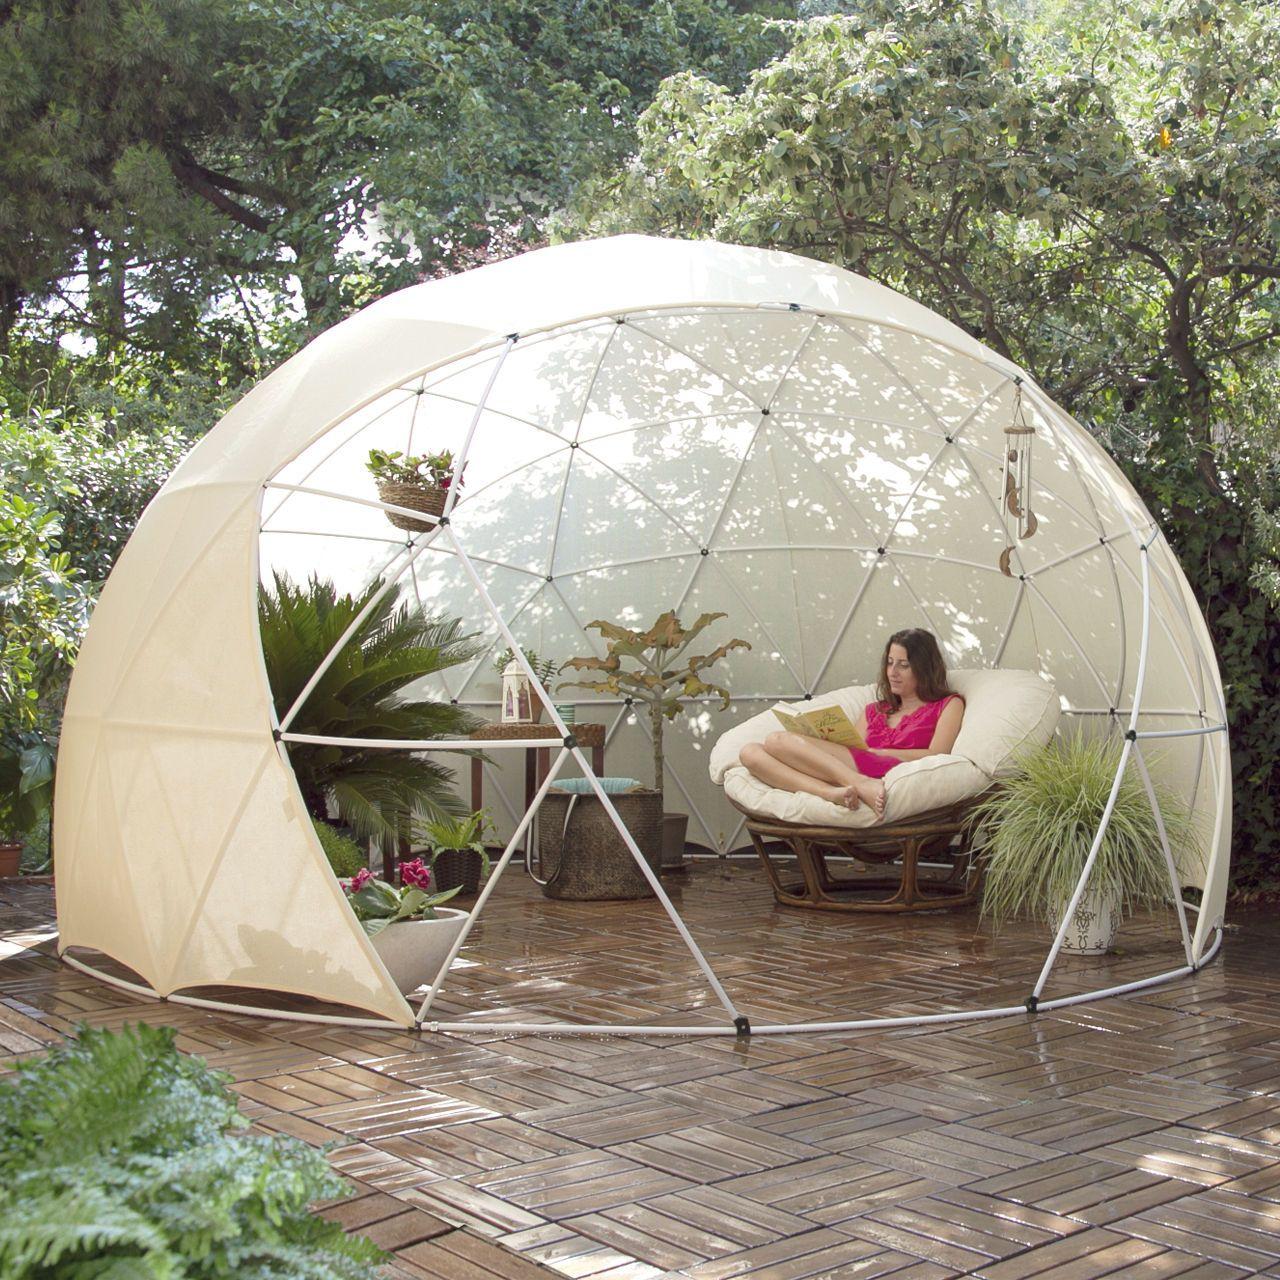 die besten 25 garten iglu ideen auf pinterest versenkbare laube sonnenschutz im freien und. Black Bedroom Furniture Sets. Home Design Ideas